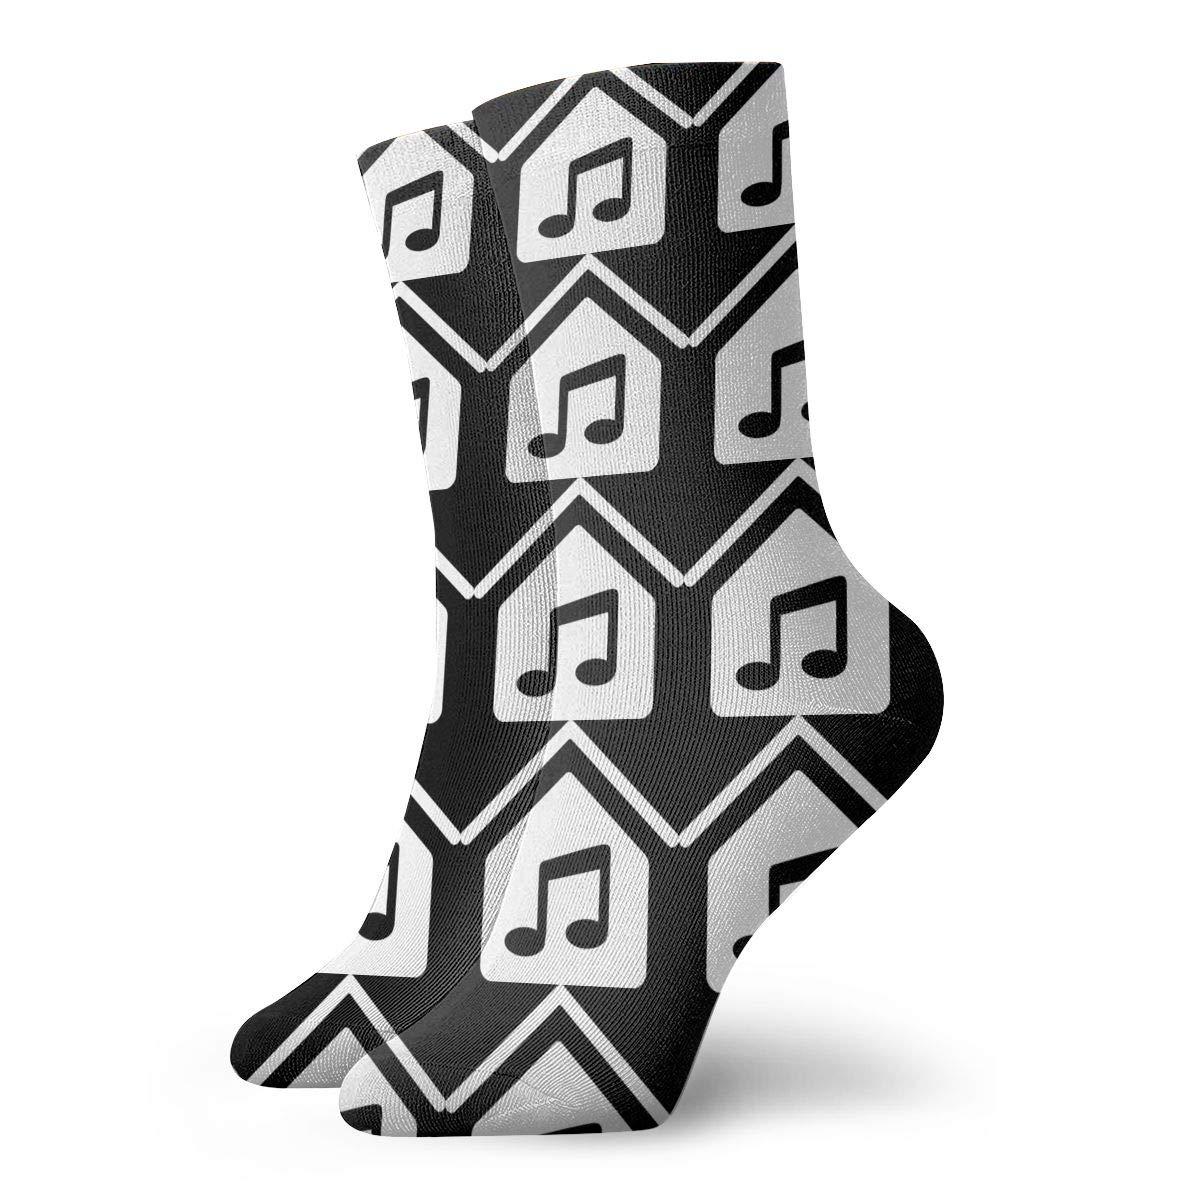 Soulful House Music Clipart Socks, Dress Socks Funny Socks.